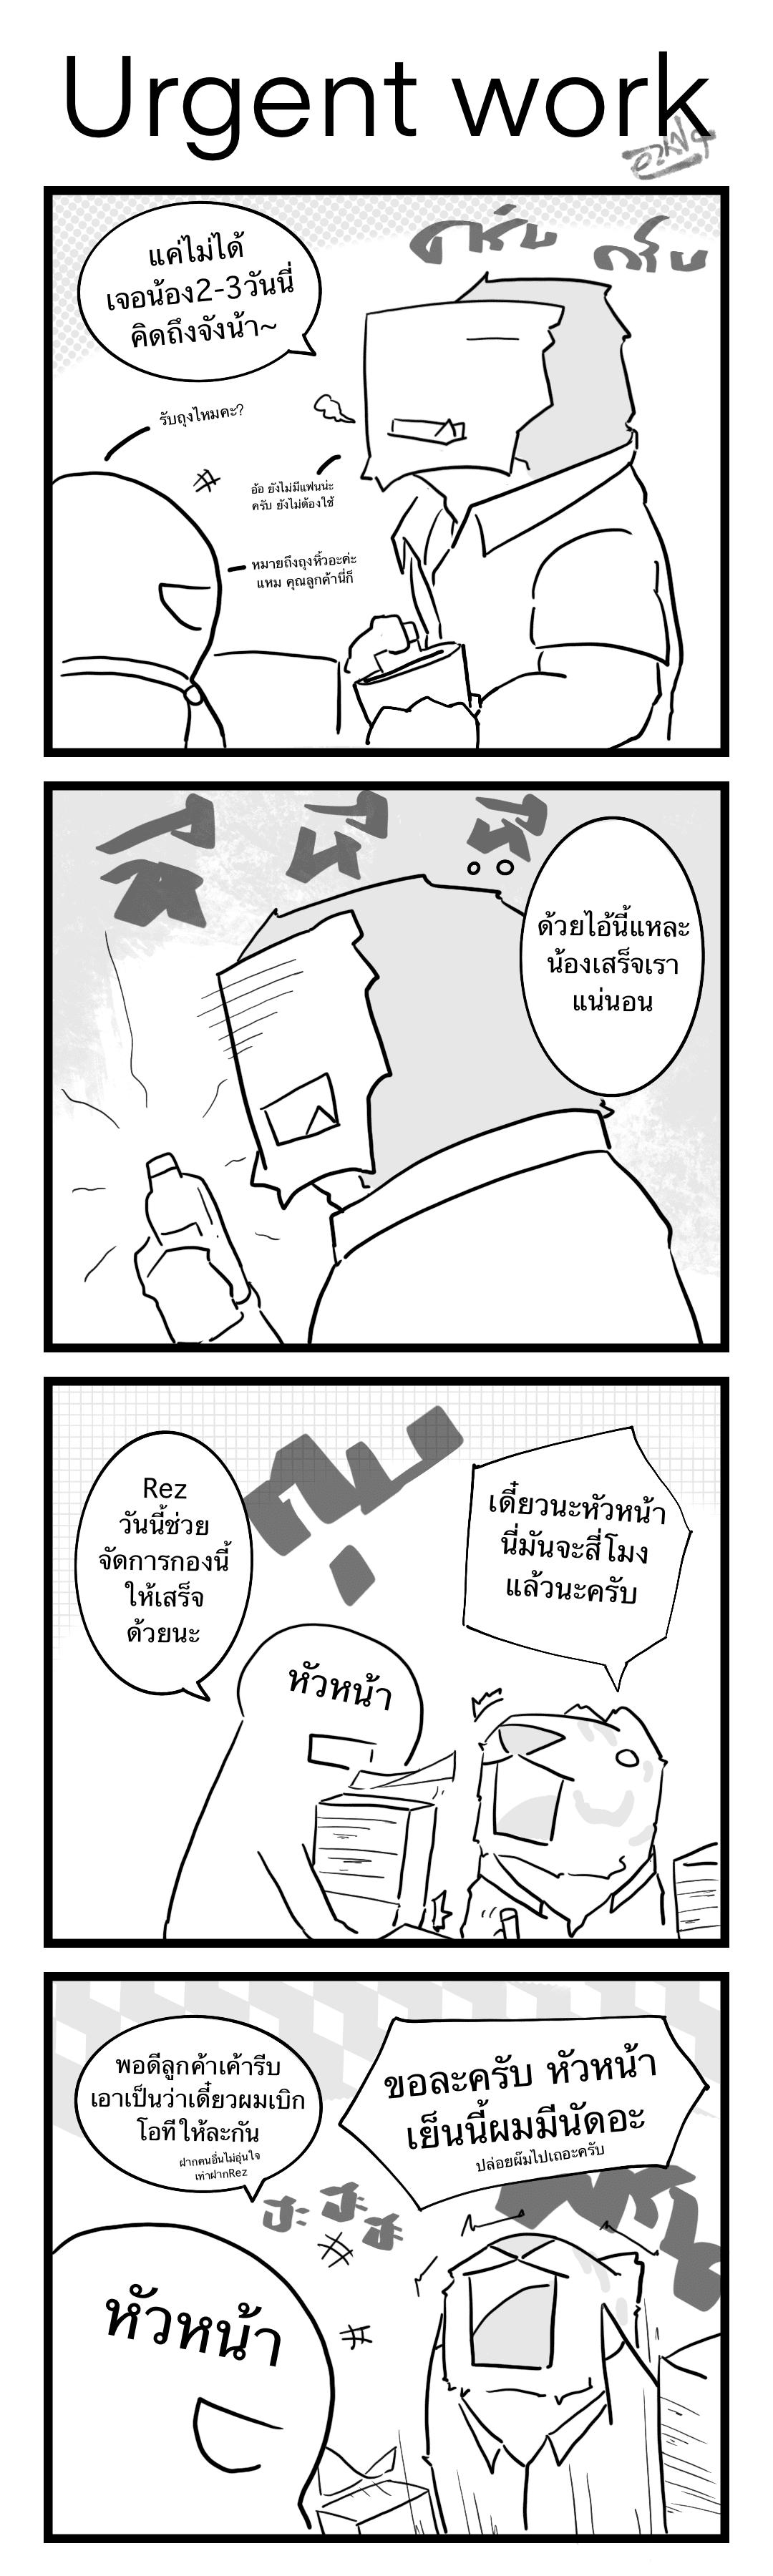 202 - Urgent work